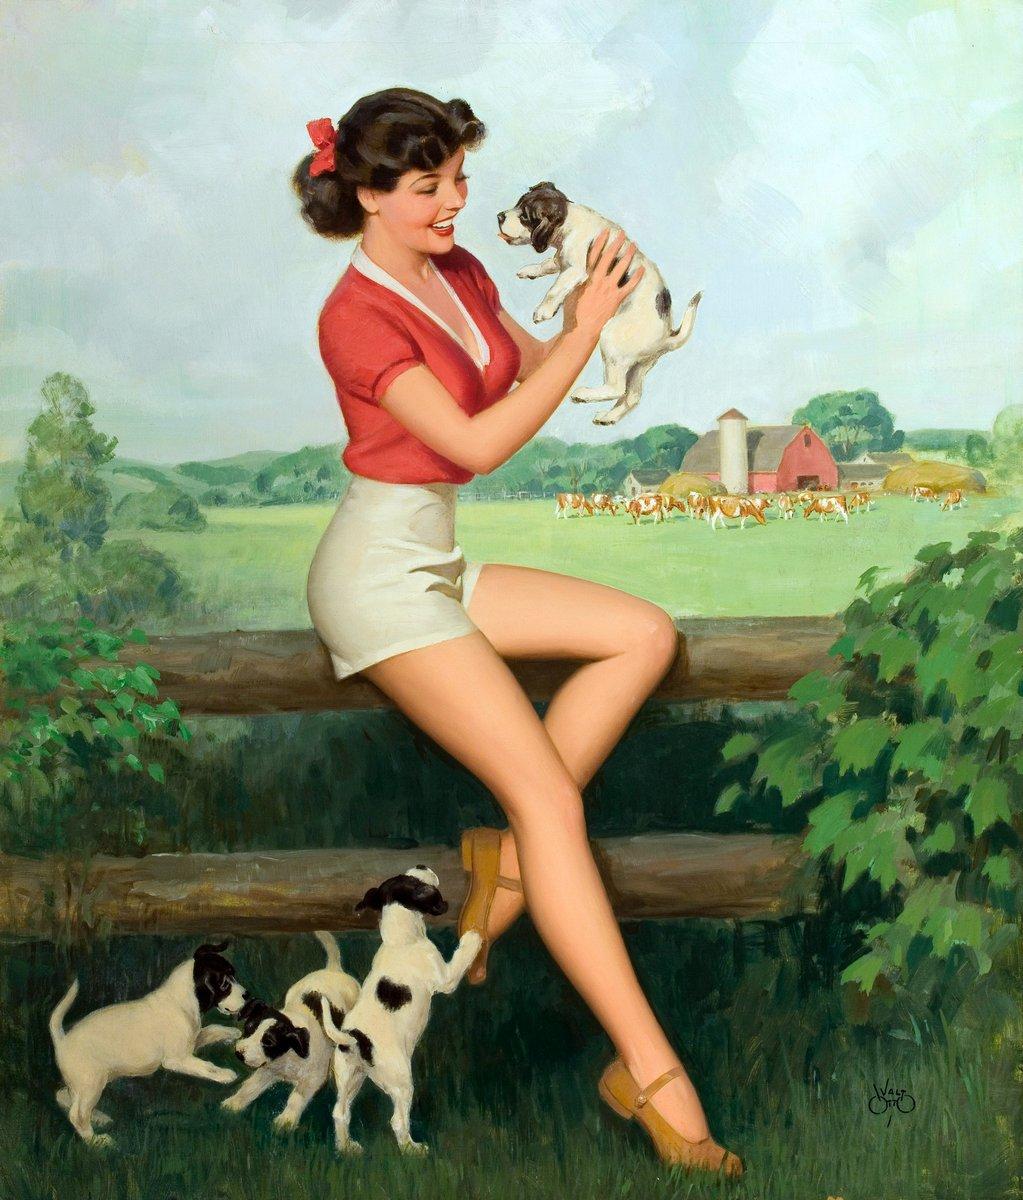 Отто Уолт «Девушка со щенками», 20x23 см, на бумагеПин-ап<br>Постер на холсте или бумаге. Любого нужного вам размера. В раме или без. Подвес в комплекте. Трехслойная надежная упаковка. Доставим в любую точку России. Вам осталось только повесить картину на стену!<br>